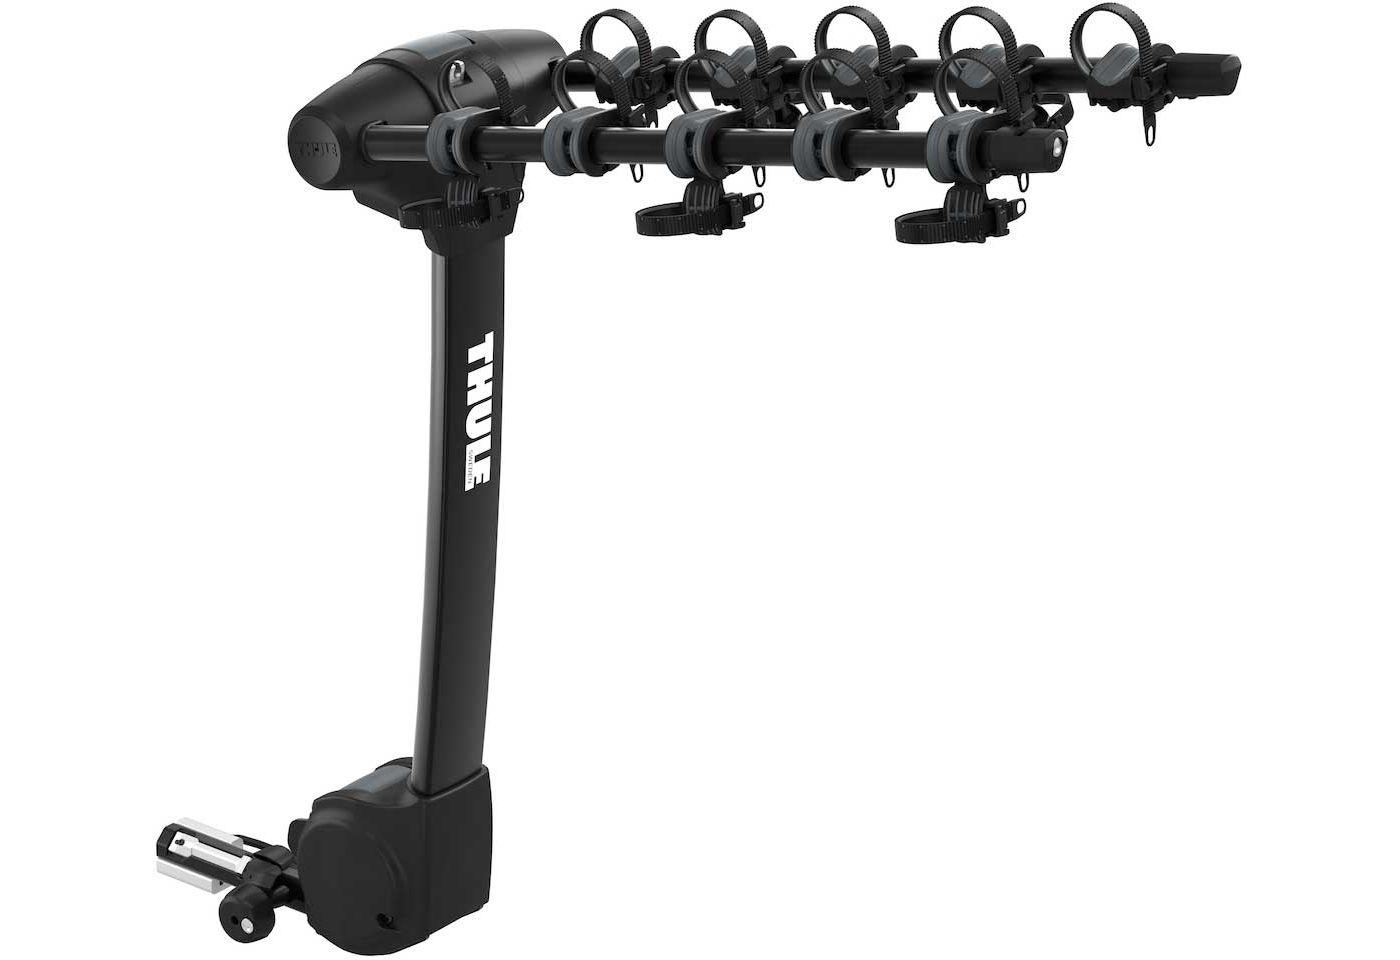 Thule Apex XT Hitch Mount 5-Bike Rack